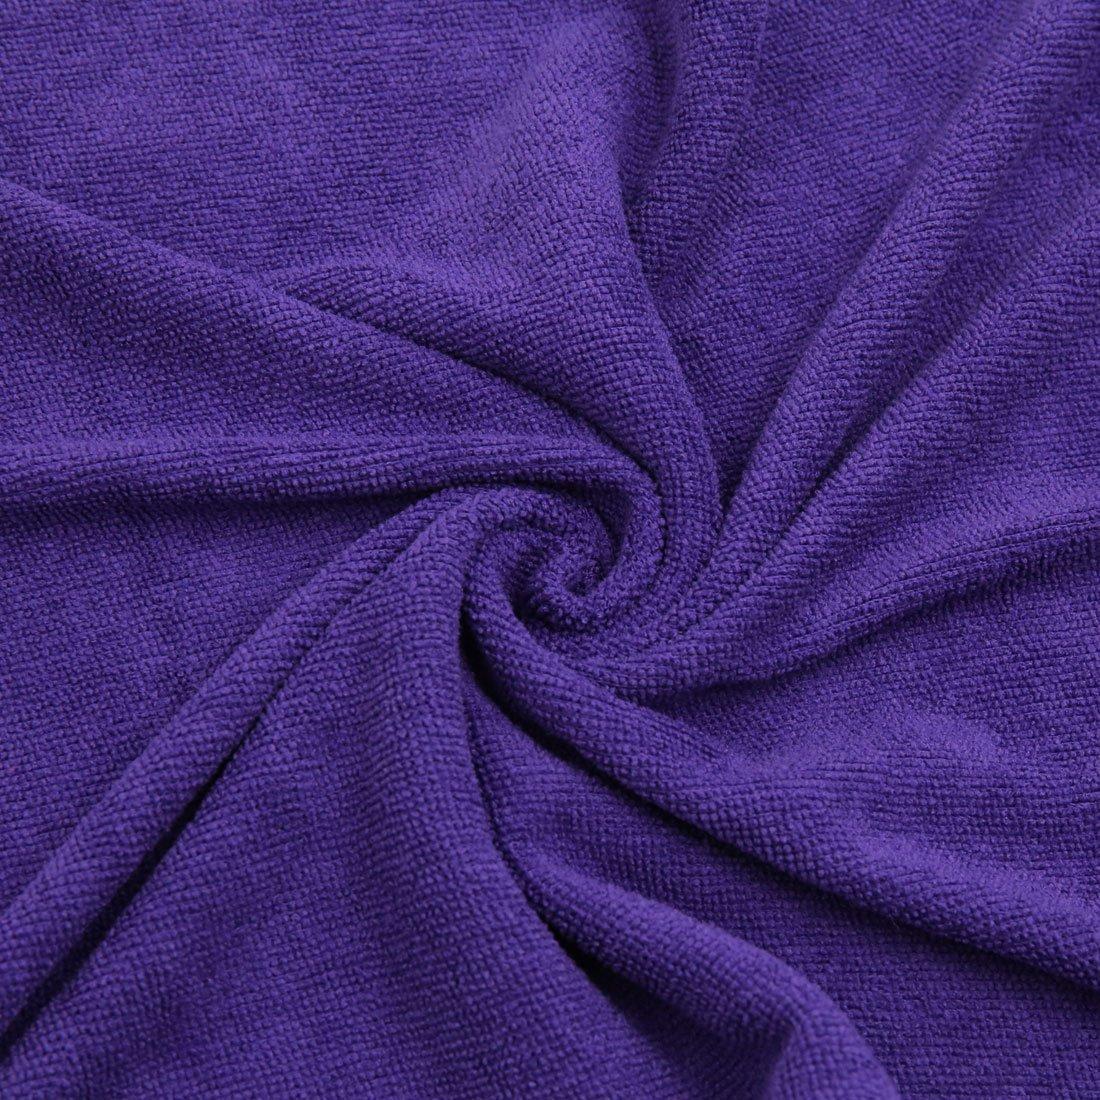 Amazon.com: eDealMax 3pcs 250GSM 65 x 33cm Toalla de Lavado Rojo púrpura del Color del café de microfibra Inicio del Cuerpo de coche de limpieza: Automotive